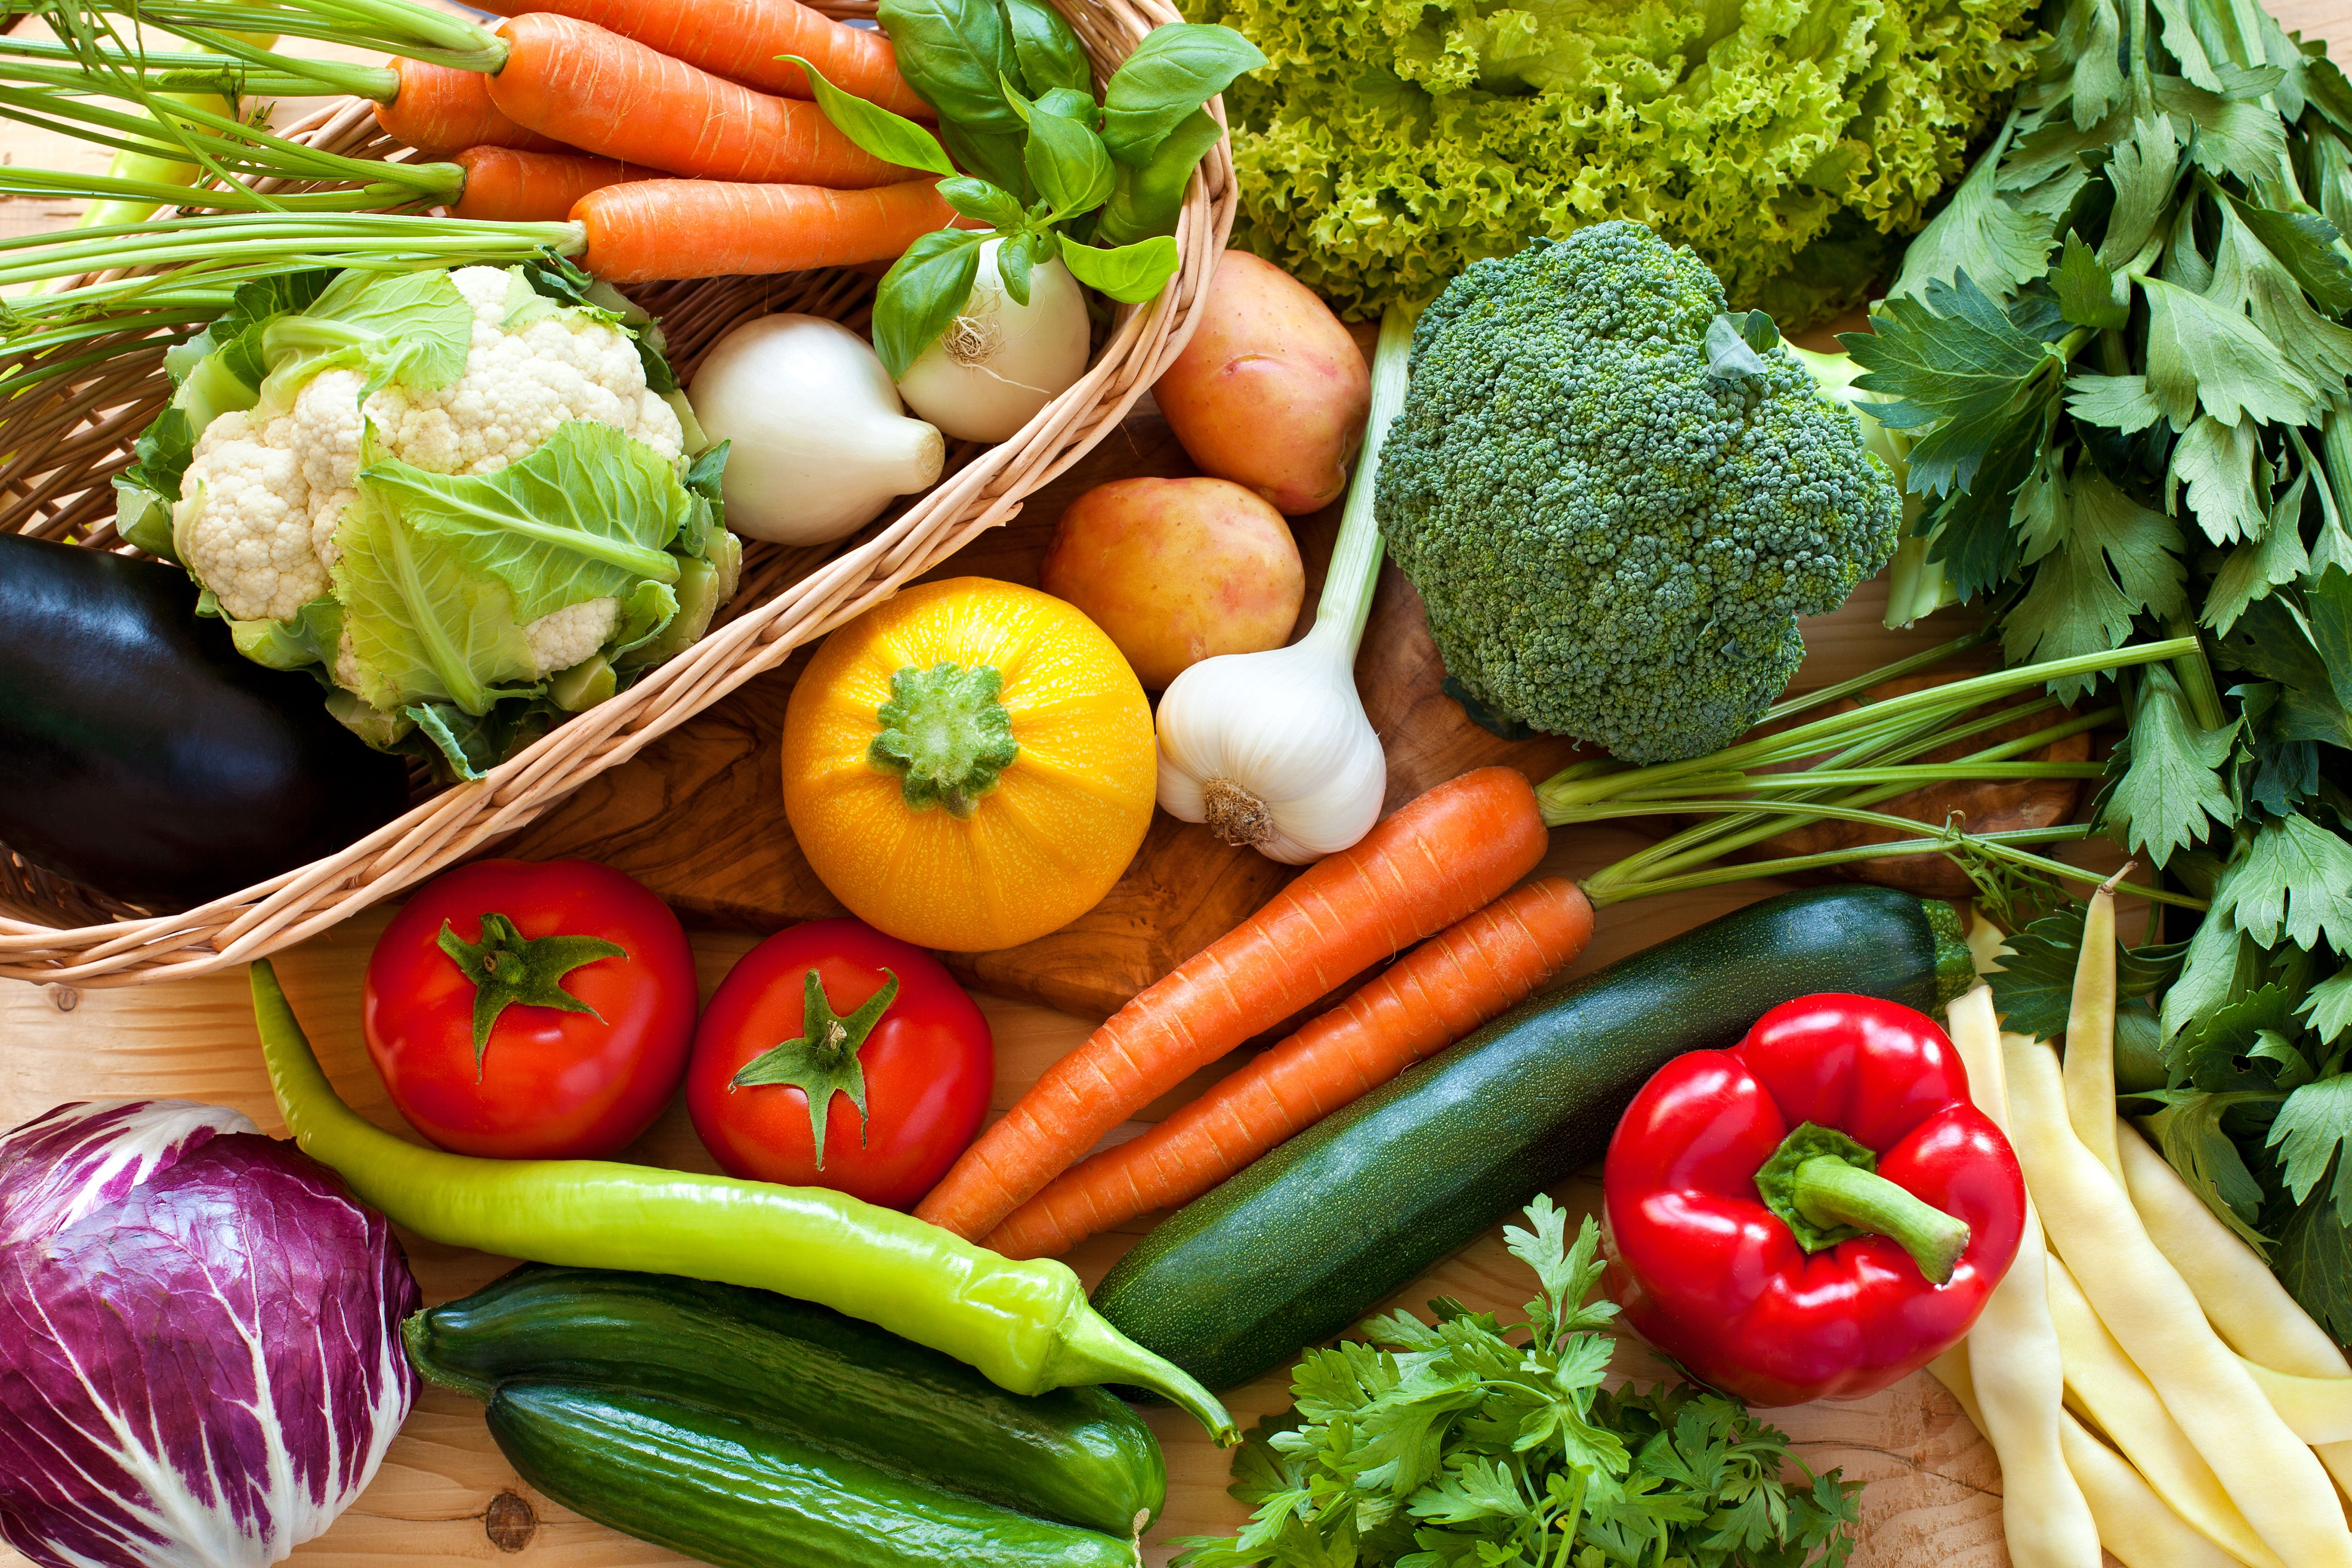 Venta de verduras y hortalizas: Nuestros servicios de Alfa Growers